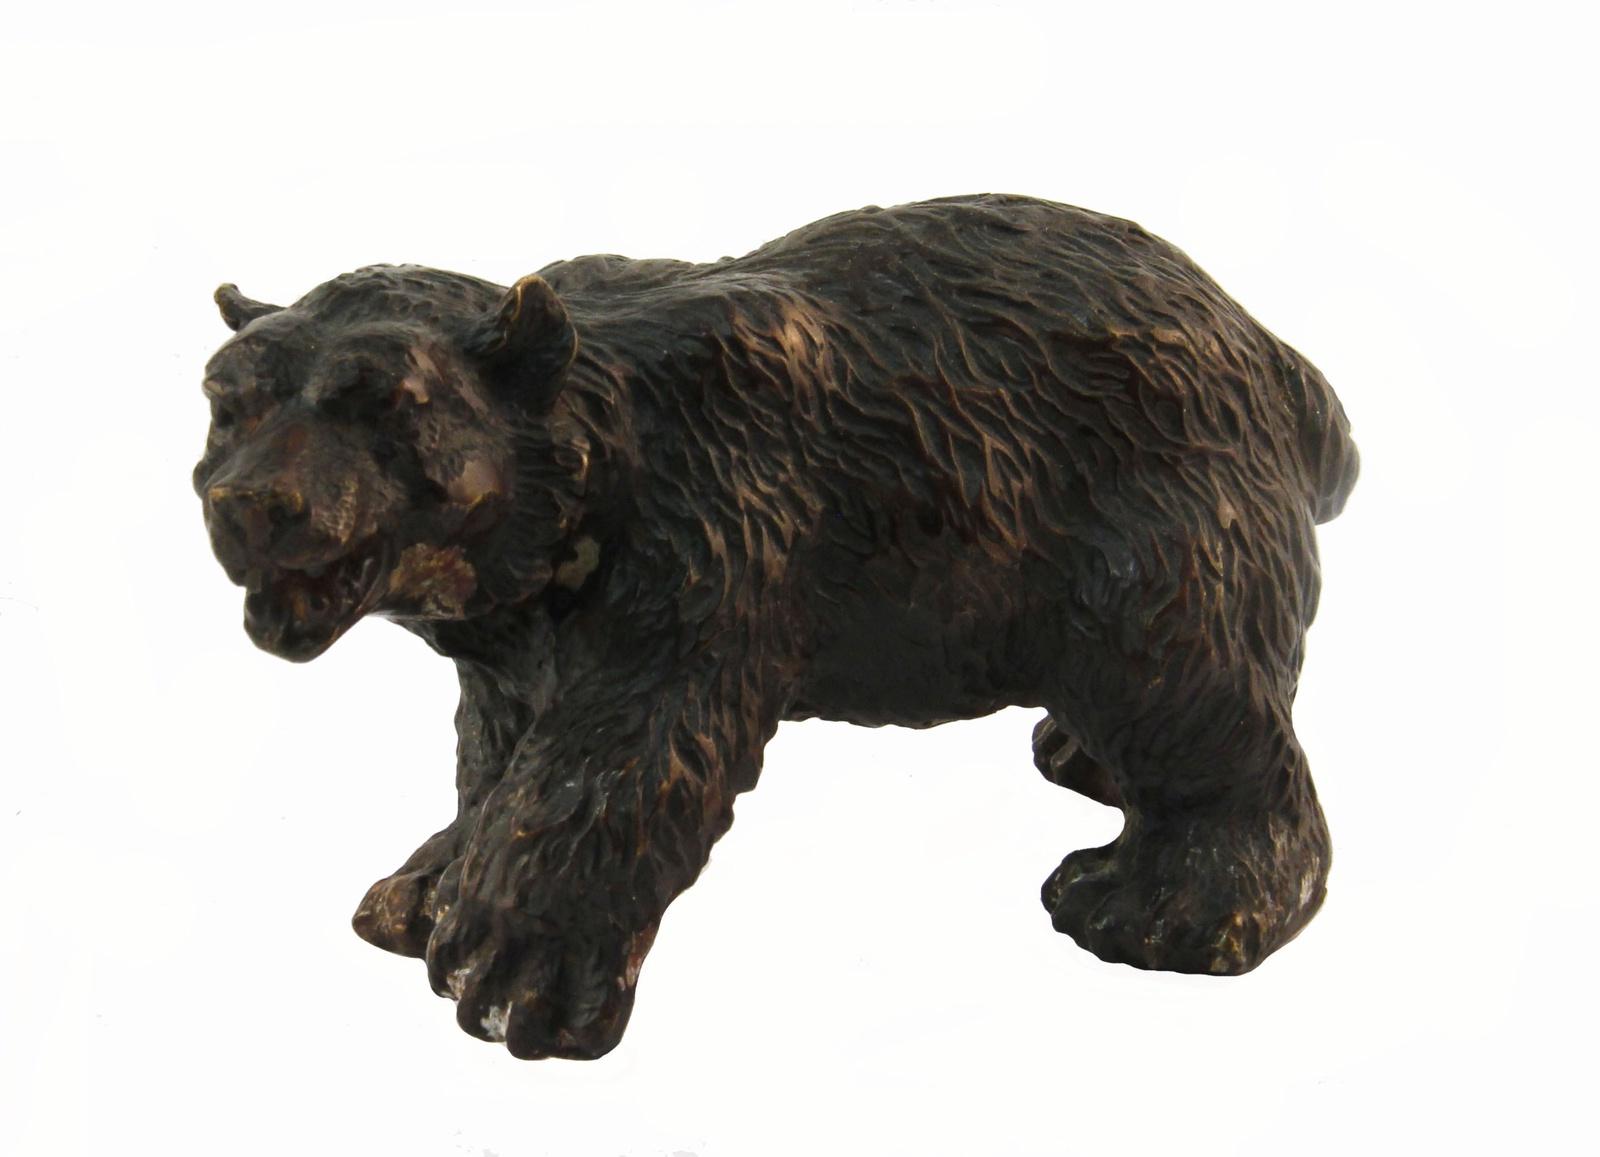 Статуэтка Медведь. Бронза, прочеканка. Китай, вторая половина XX века курительница слон в тибетском стиле бронза прочеканка китай вторая половина xx века